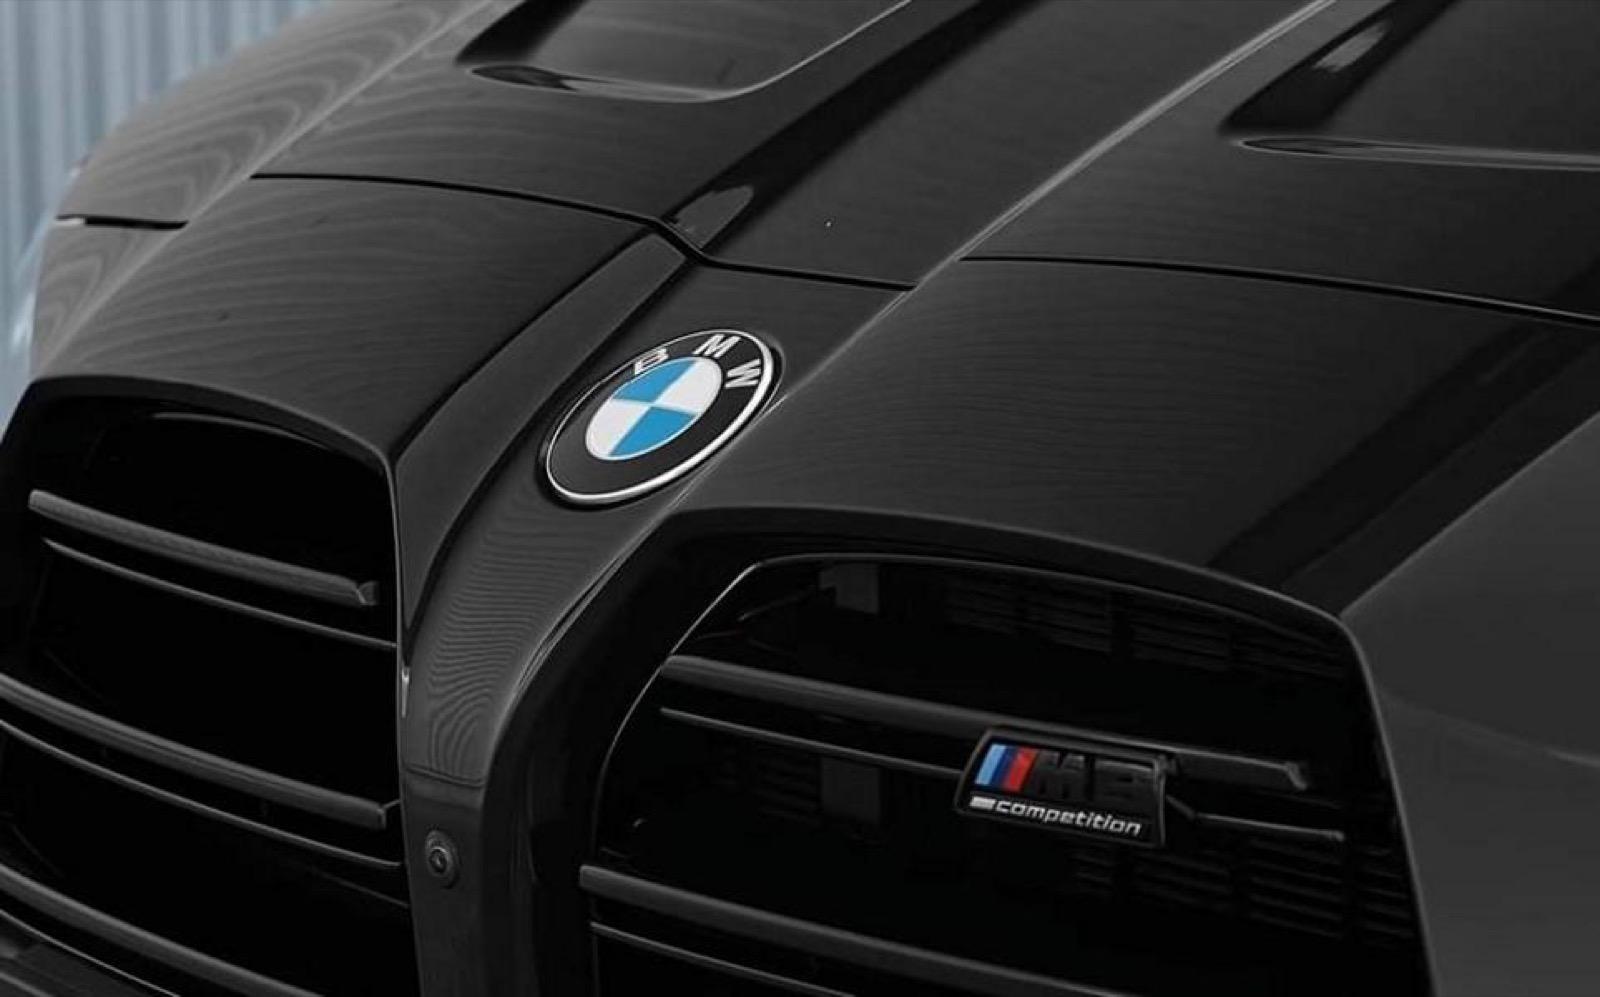 BMW-M3-by-Hamann-5